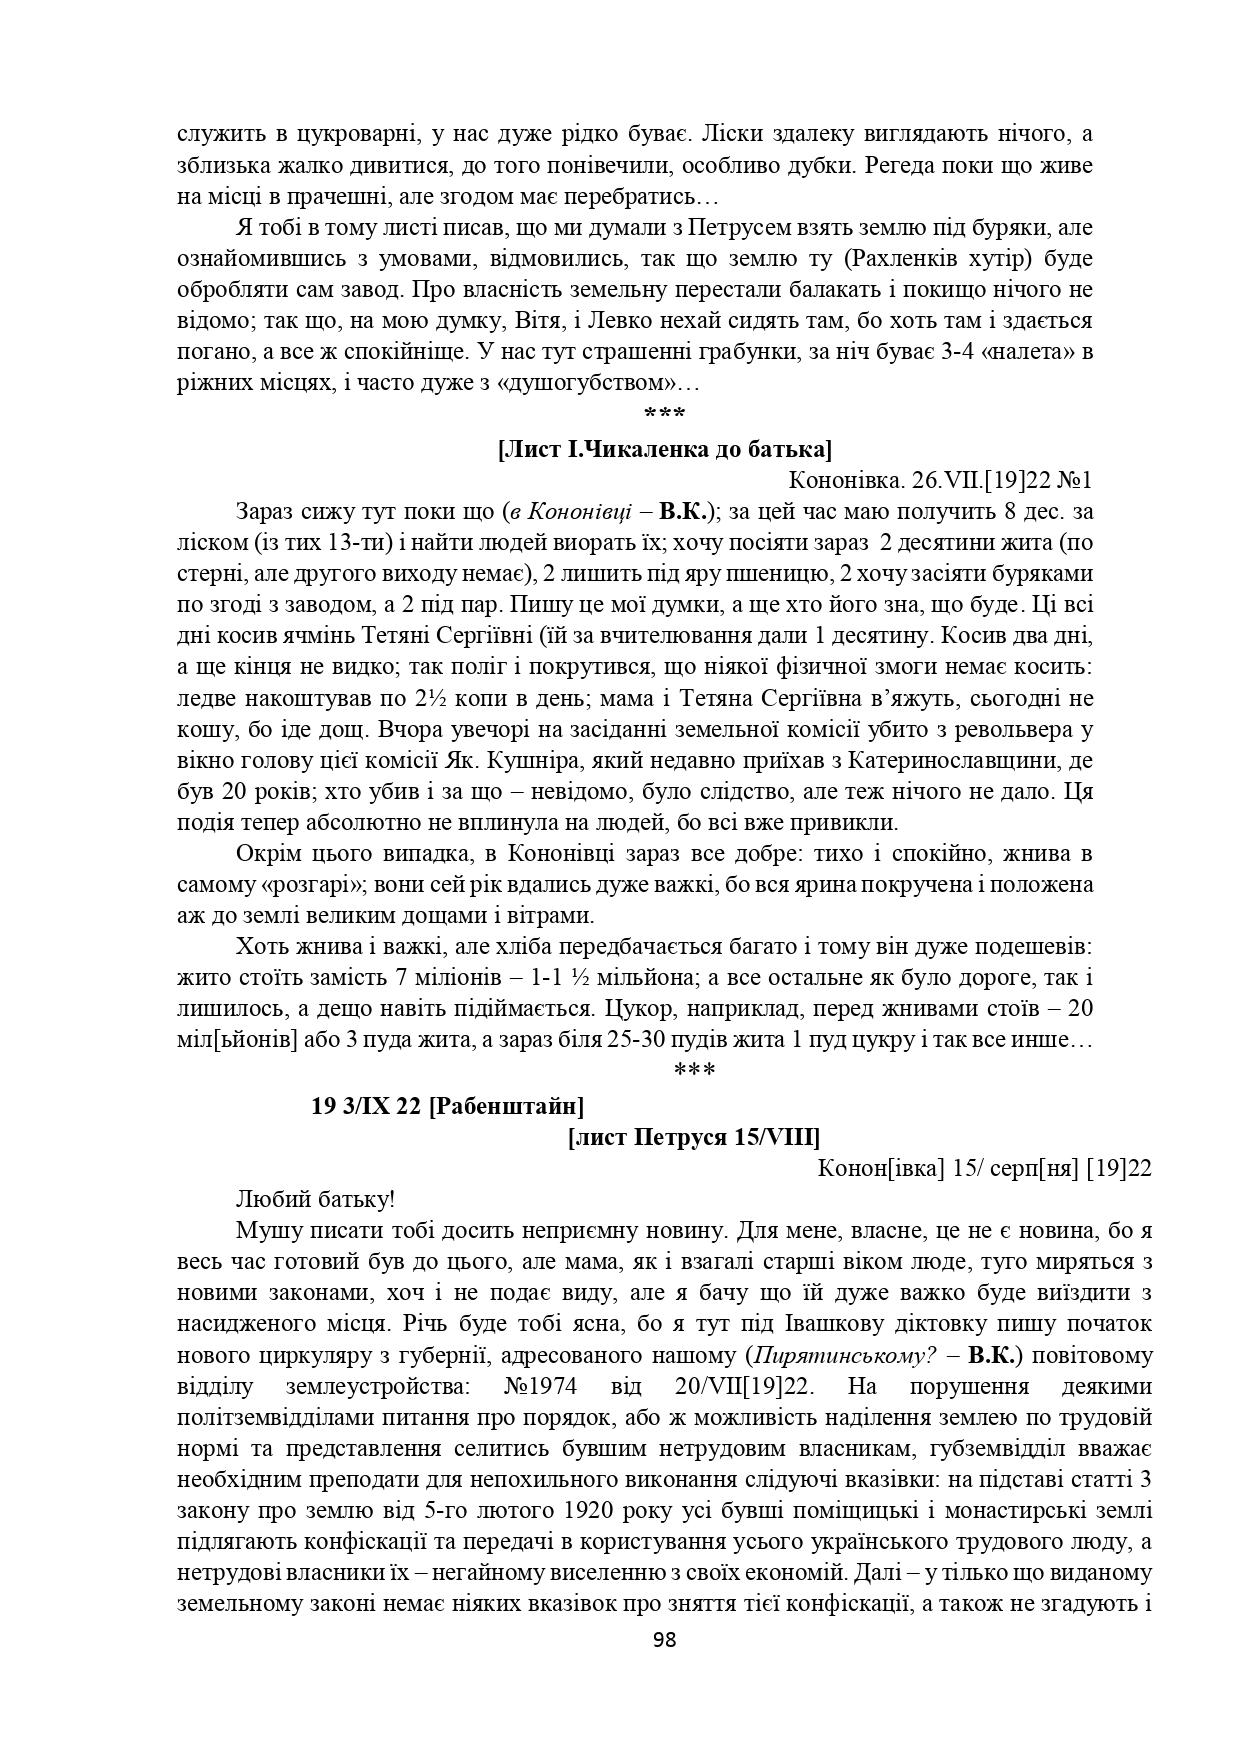 ІСТОРІЯ СЕЛА КОНОНІВКА 2021 (1)_page-0098